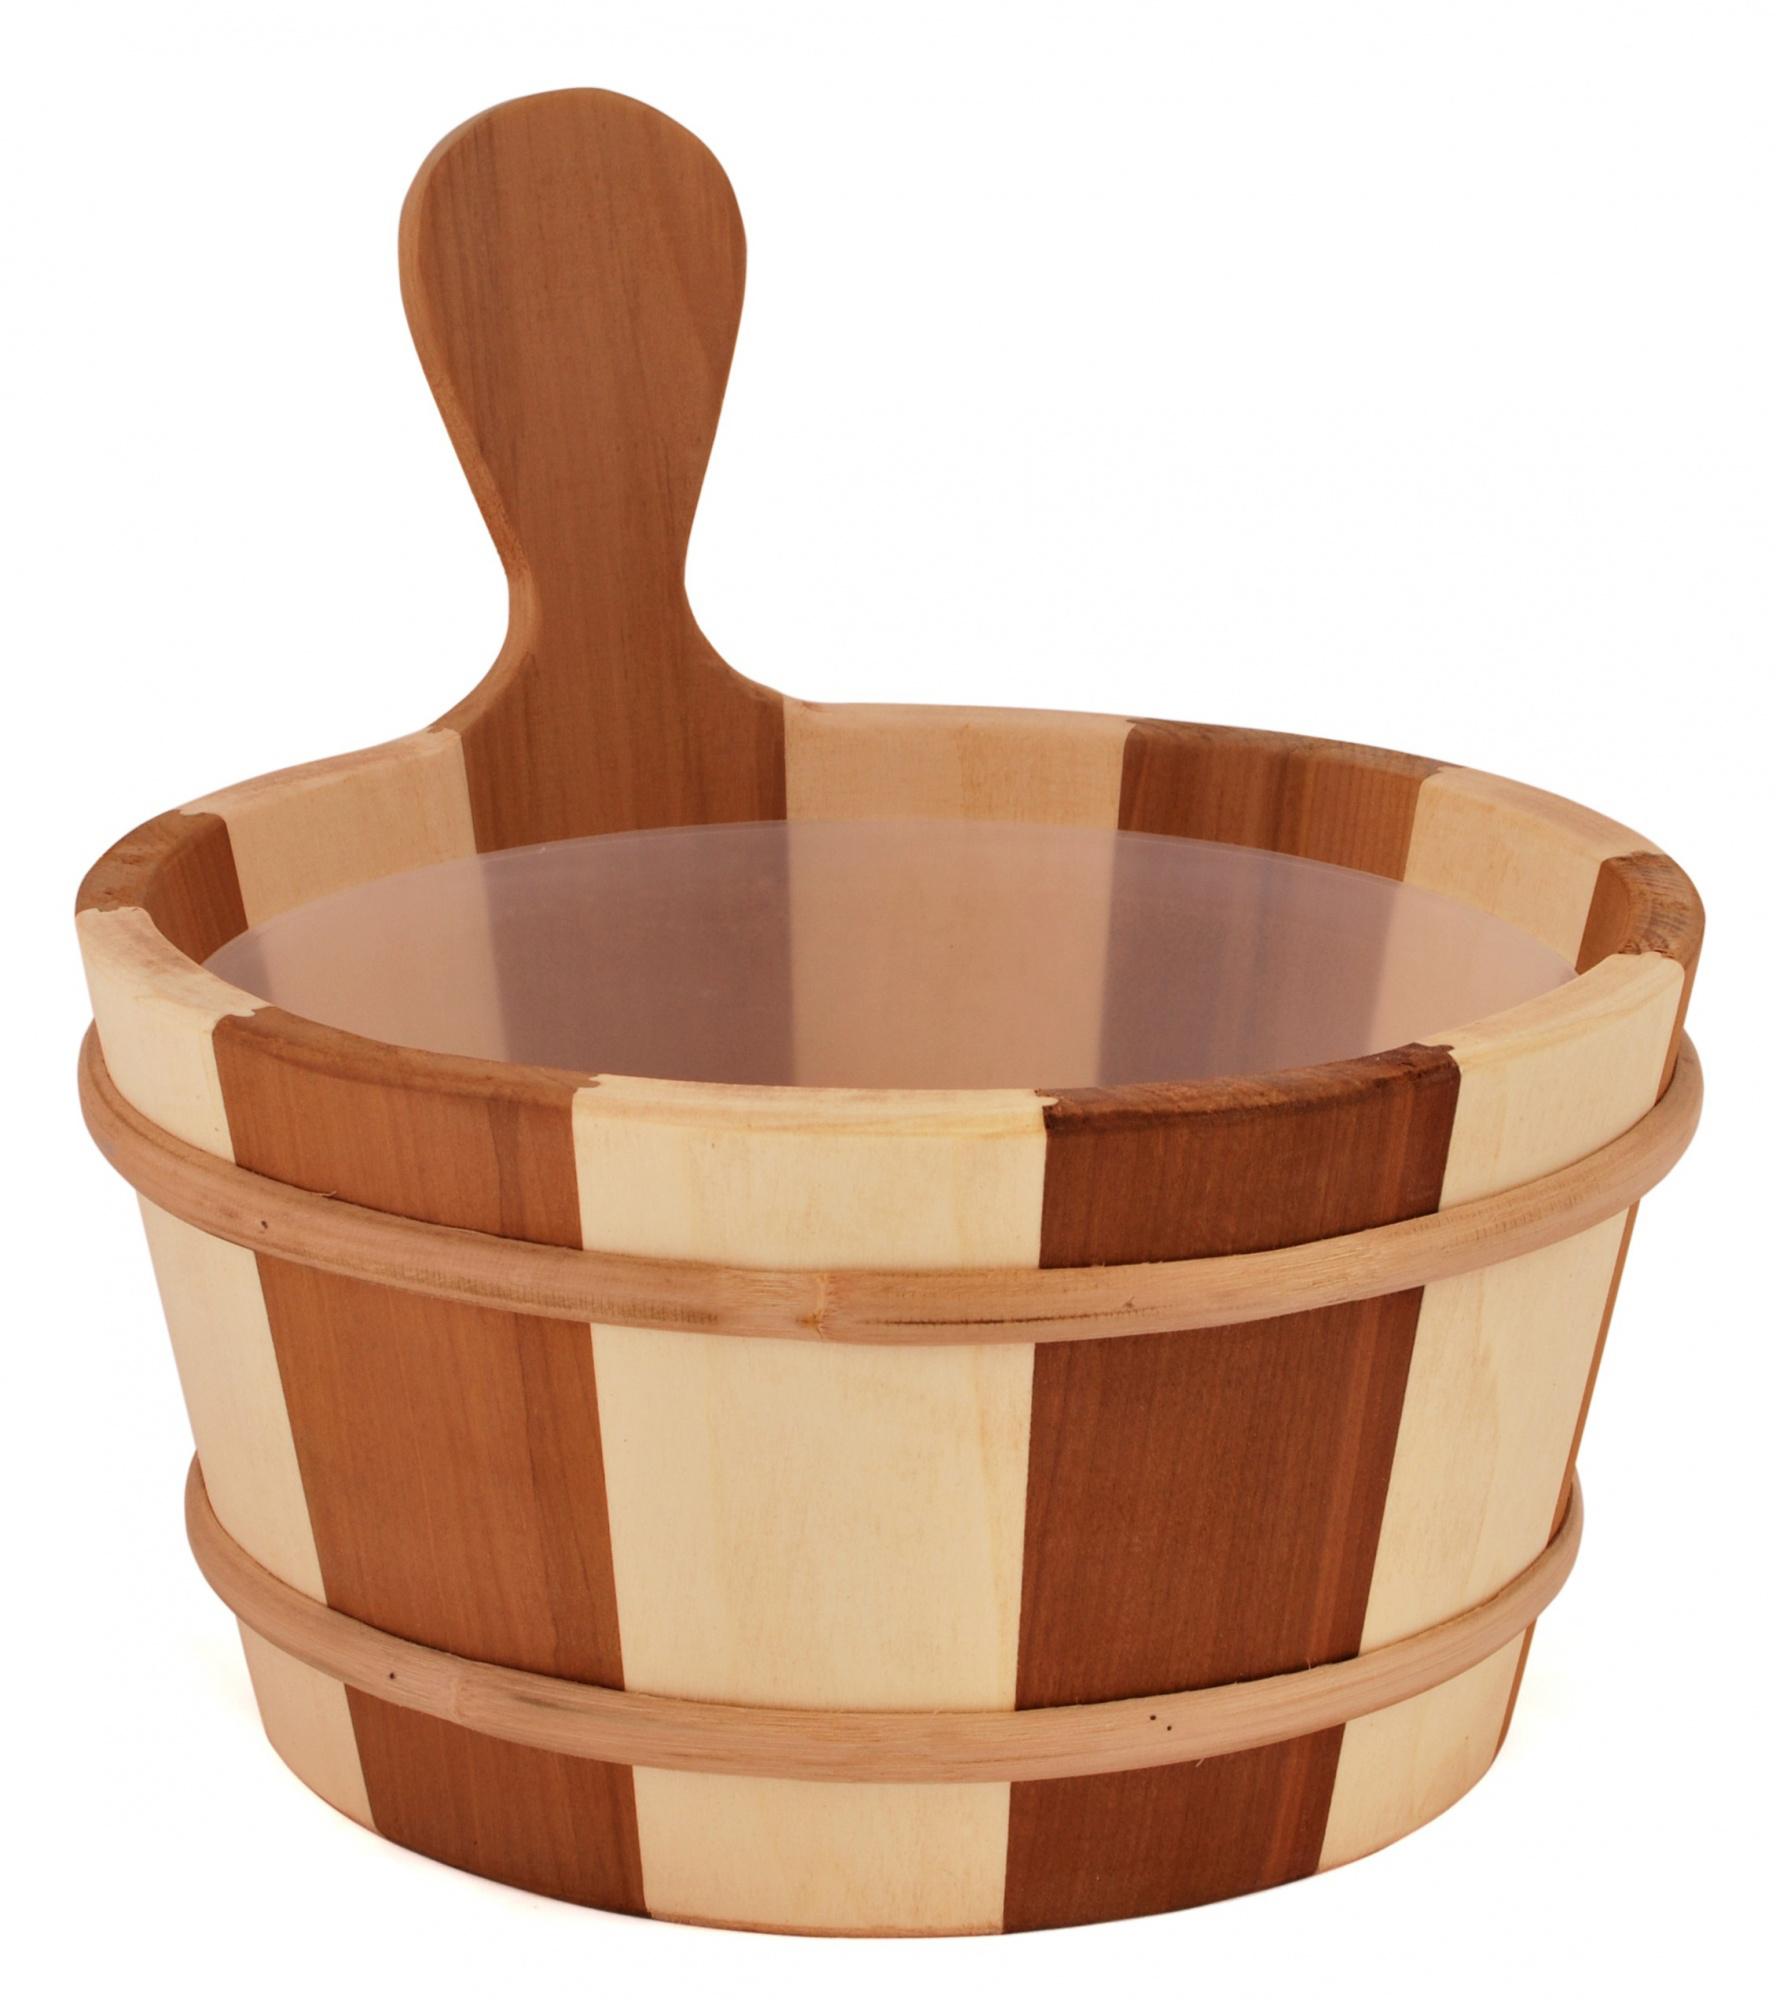 Ведра и кадушки: Кадушка деревянная SAWO 340-Z (4 литра с пластиковой вставкой) ведра и кадушки кадушка деревянная sawo 300 tp 9 литров с пластиковой вставкой